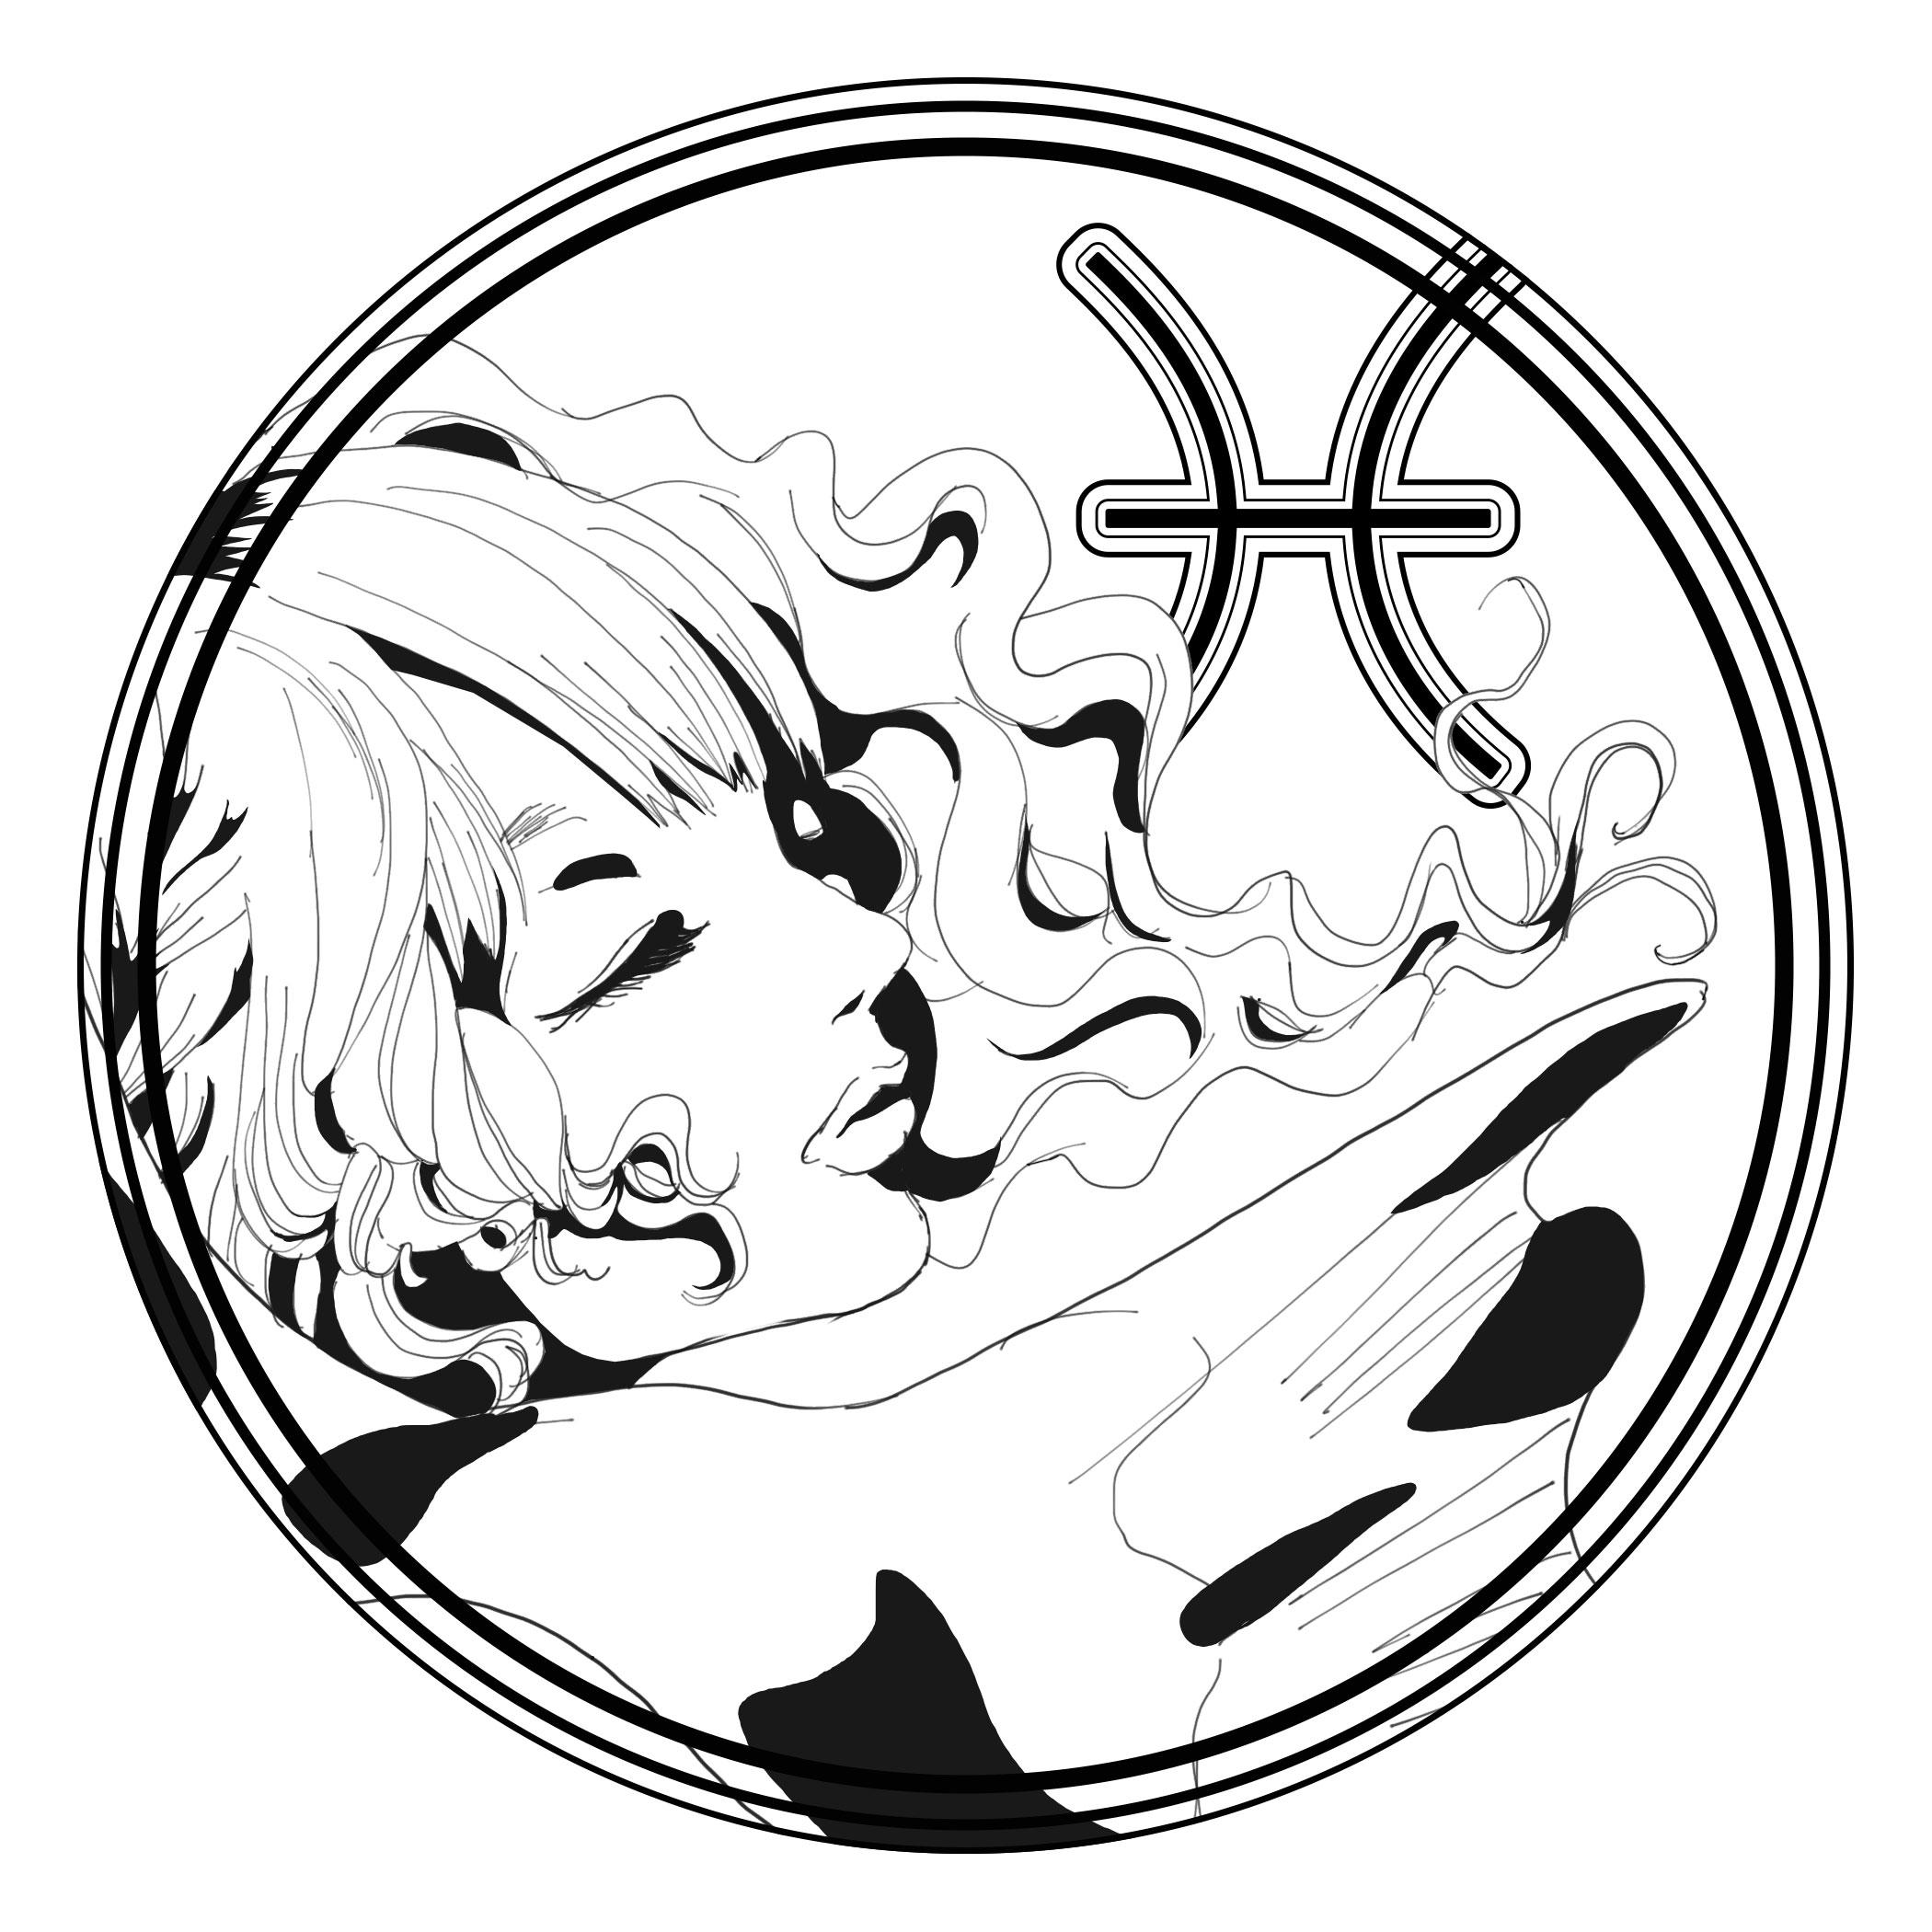 9/14潜在意識に大きな揺さぶりをかける☆魚座の満月